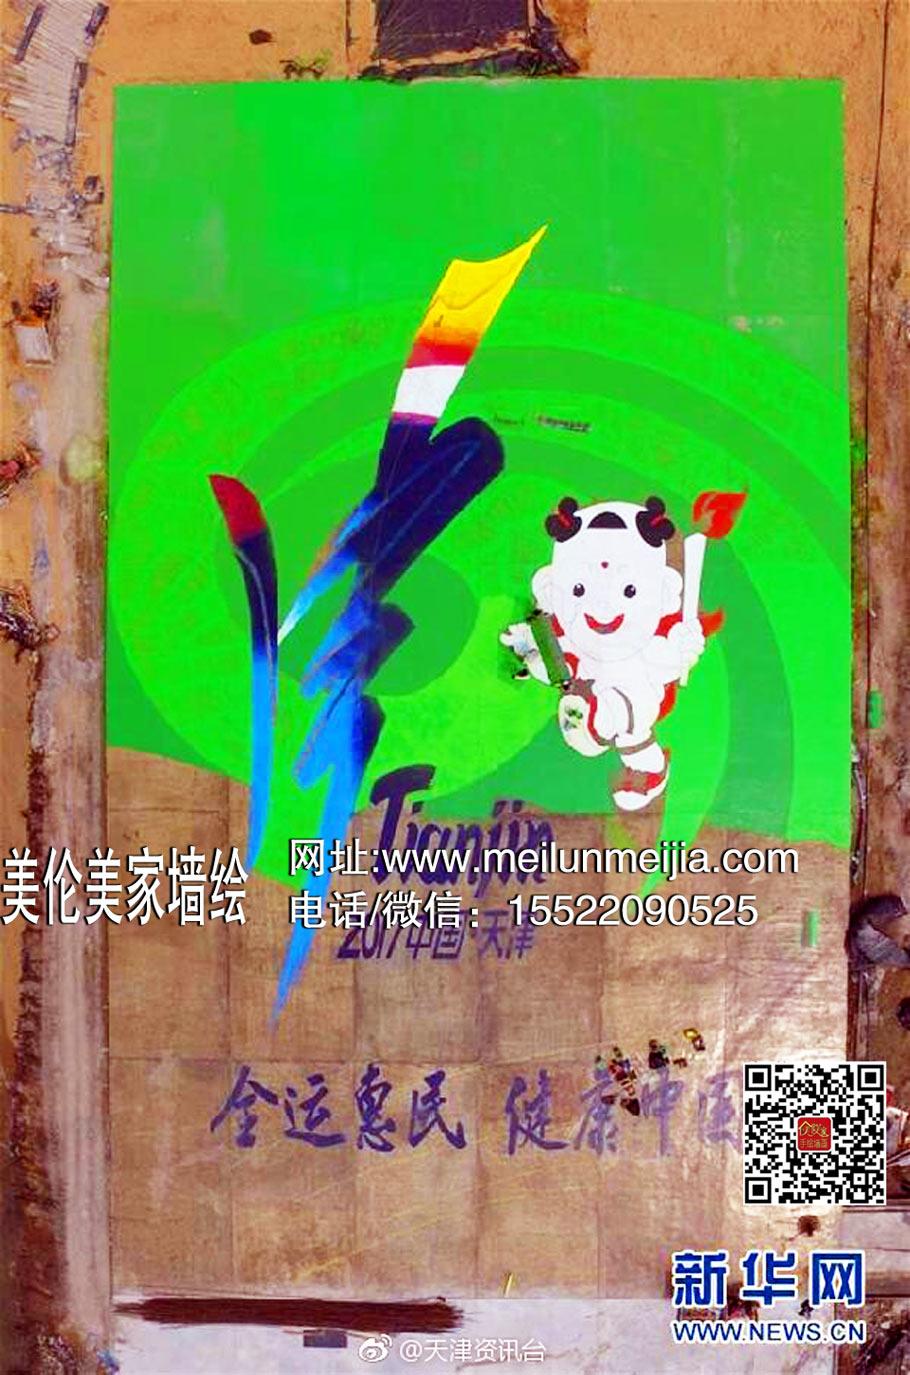 天津墙绘_天津彩绘_天津墙画_天津墙绘公司_天津墙体彩绘_天津壁画_天津涂鸦